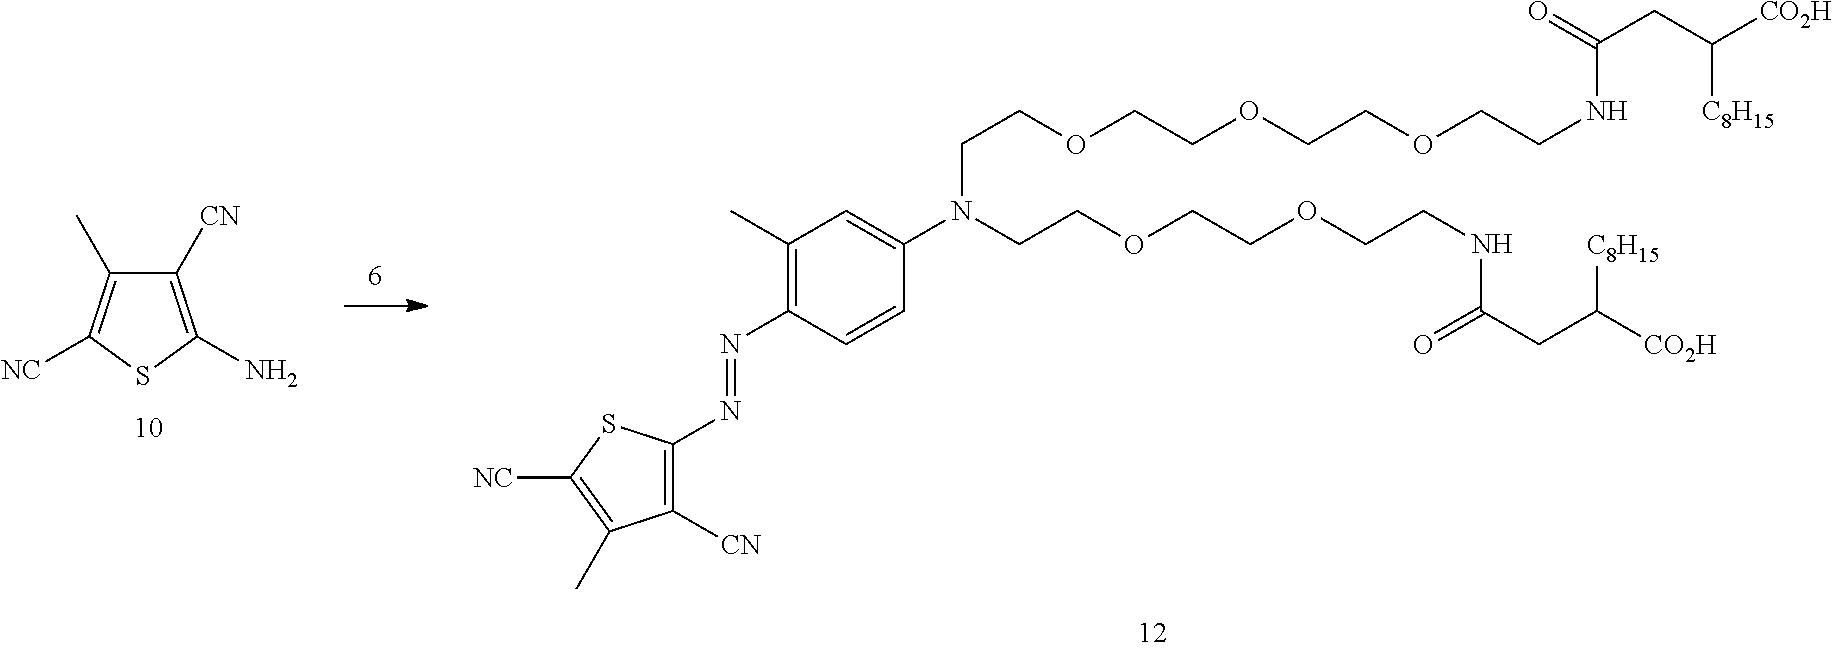 Figure US09834682-20171205-C00048